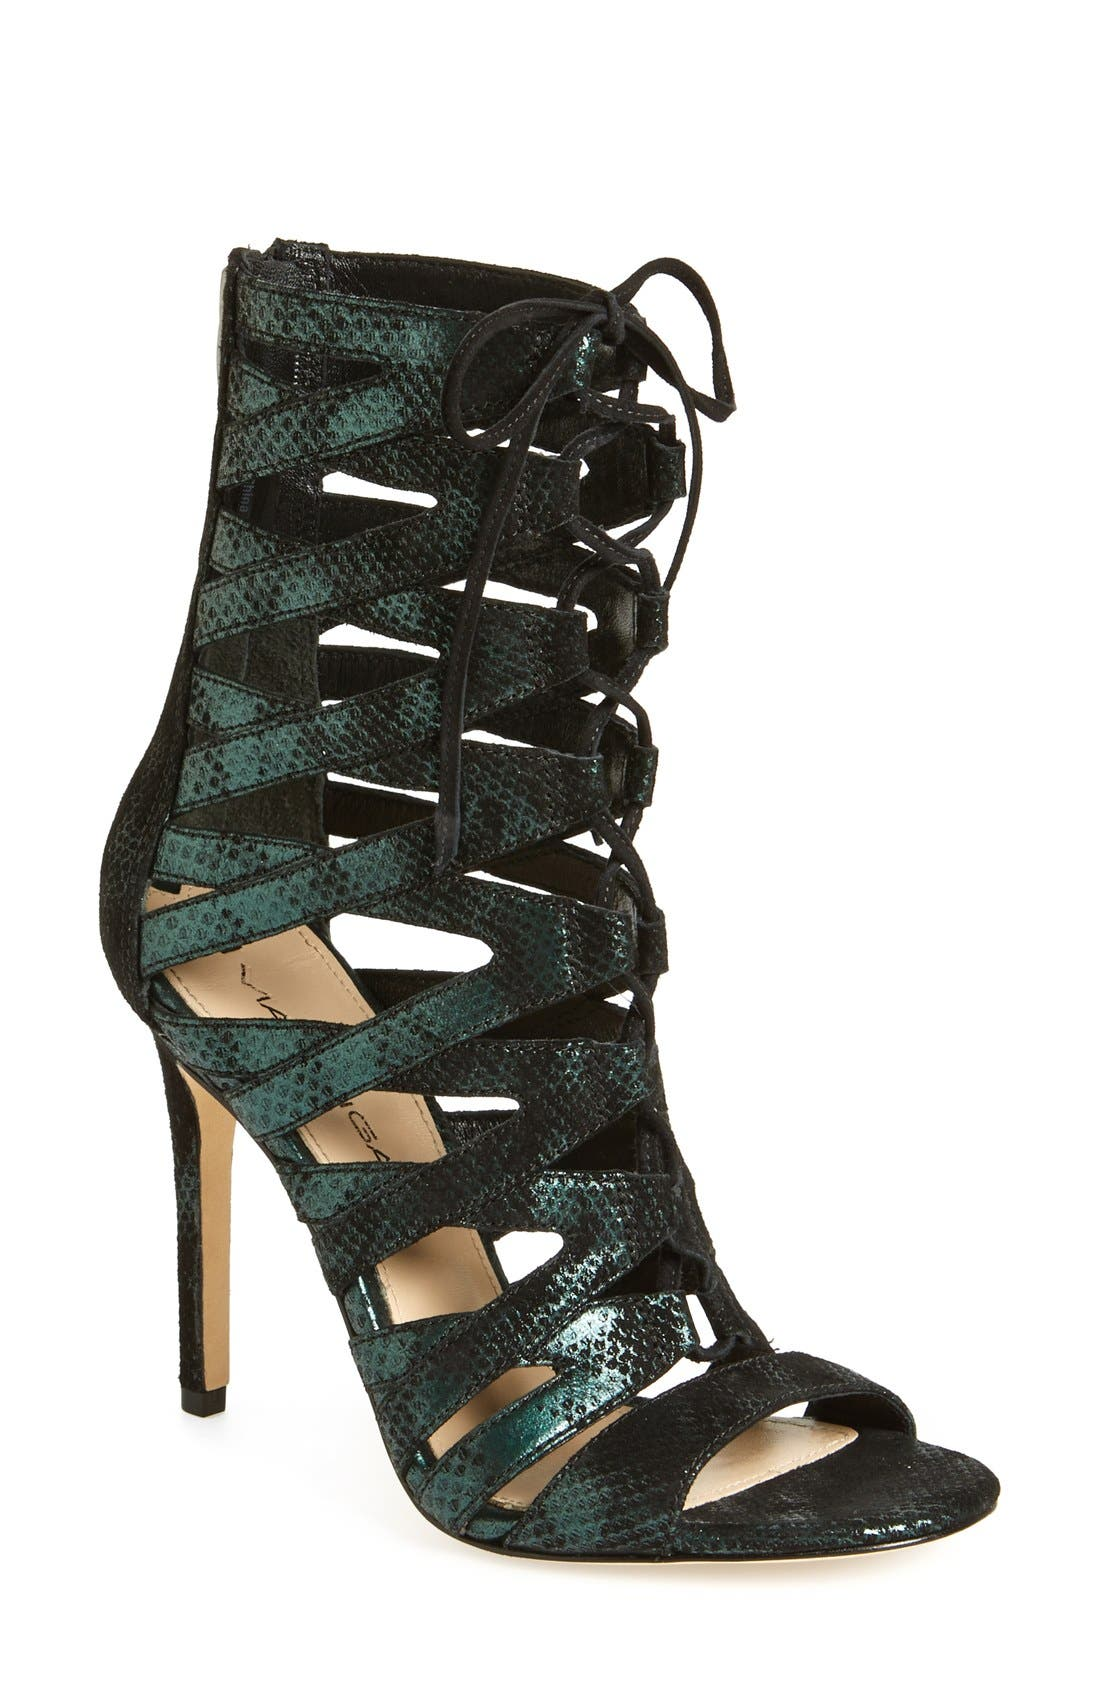 Alternate Image 1 Selected - Via Spiga 'Teaira' Sandal (Women)